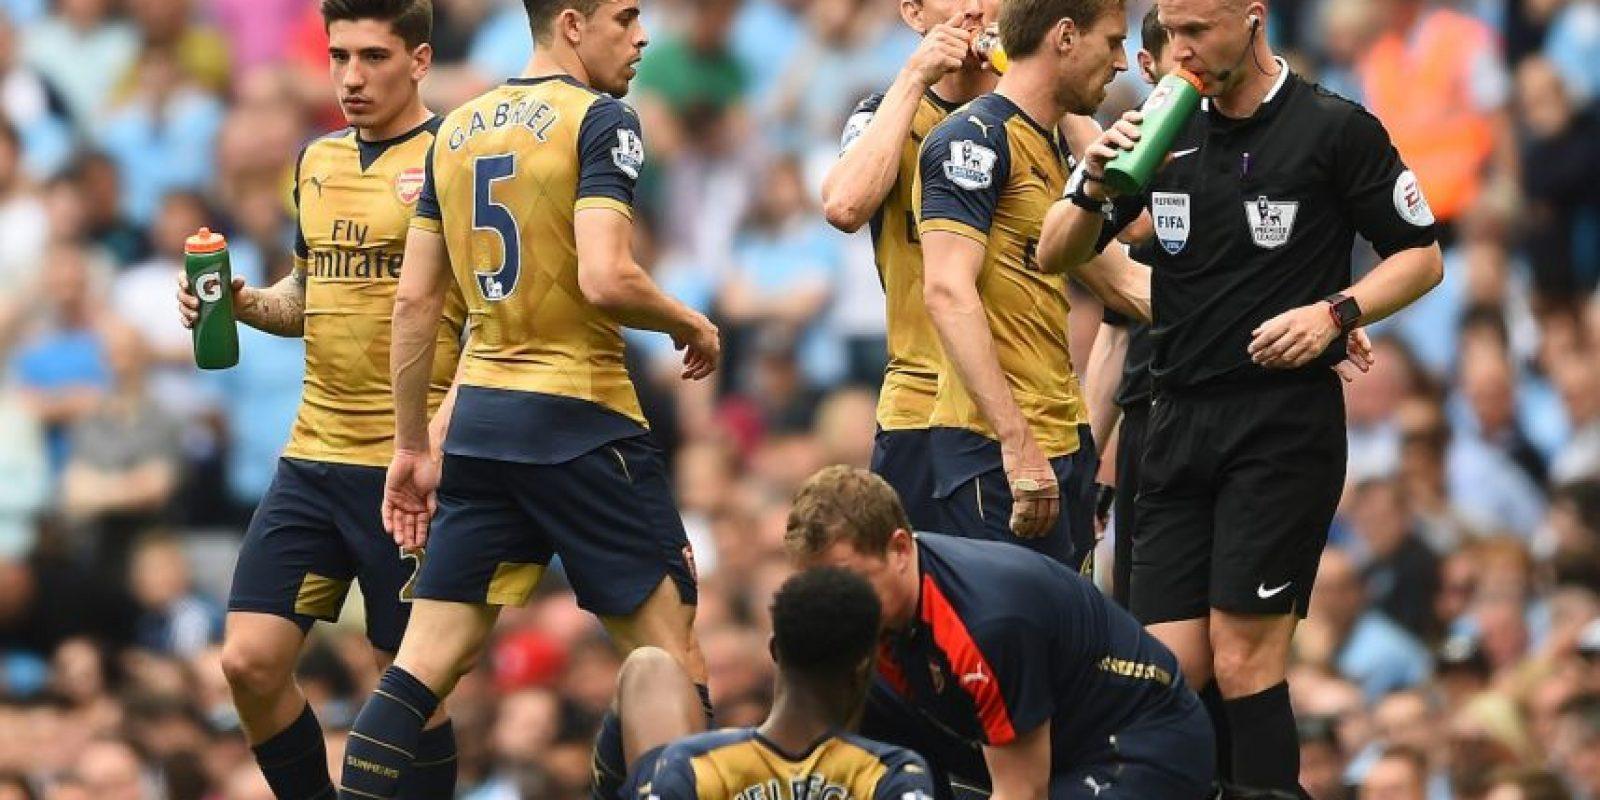 Sufrió una lesión en la rodilla en octubre de 2015 y volvió recién en febrero de 2016. Pese a que parecía afirmarse como titular y entraba desde el inicio en el partido ante Manchester City del pasado fin de semana, salió reemplazado a los veinte minutos por molestias físicas. Teniendo opciones a plenitud, es probable que no sea considerado por Roy Hodgson Foto:Getty Images